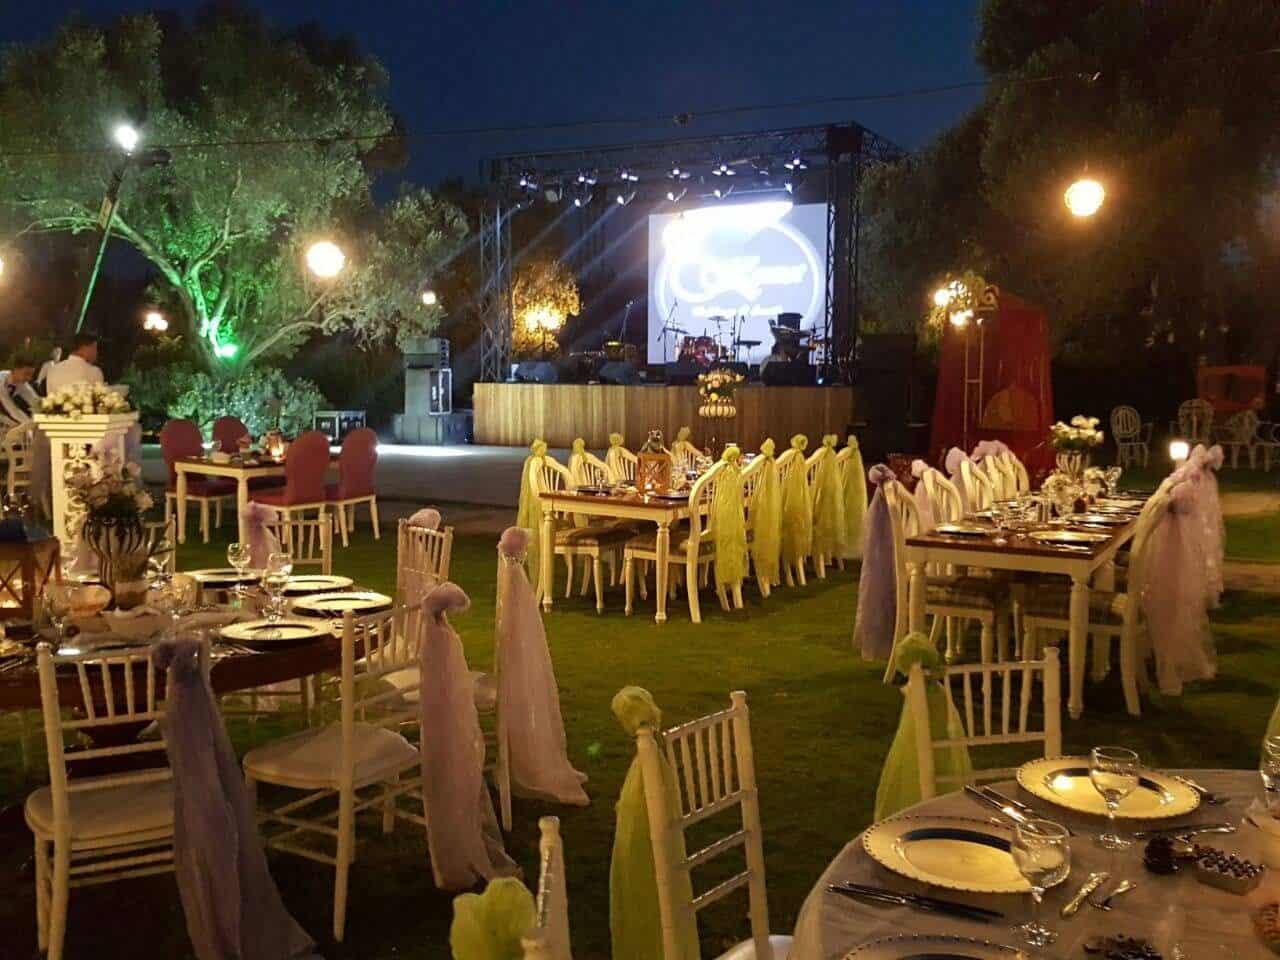 Kısmet Garden Wedding & Events Urla Düğün Salonları